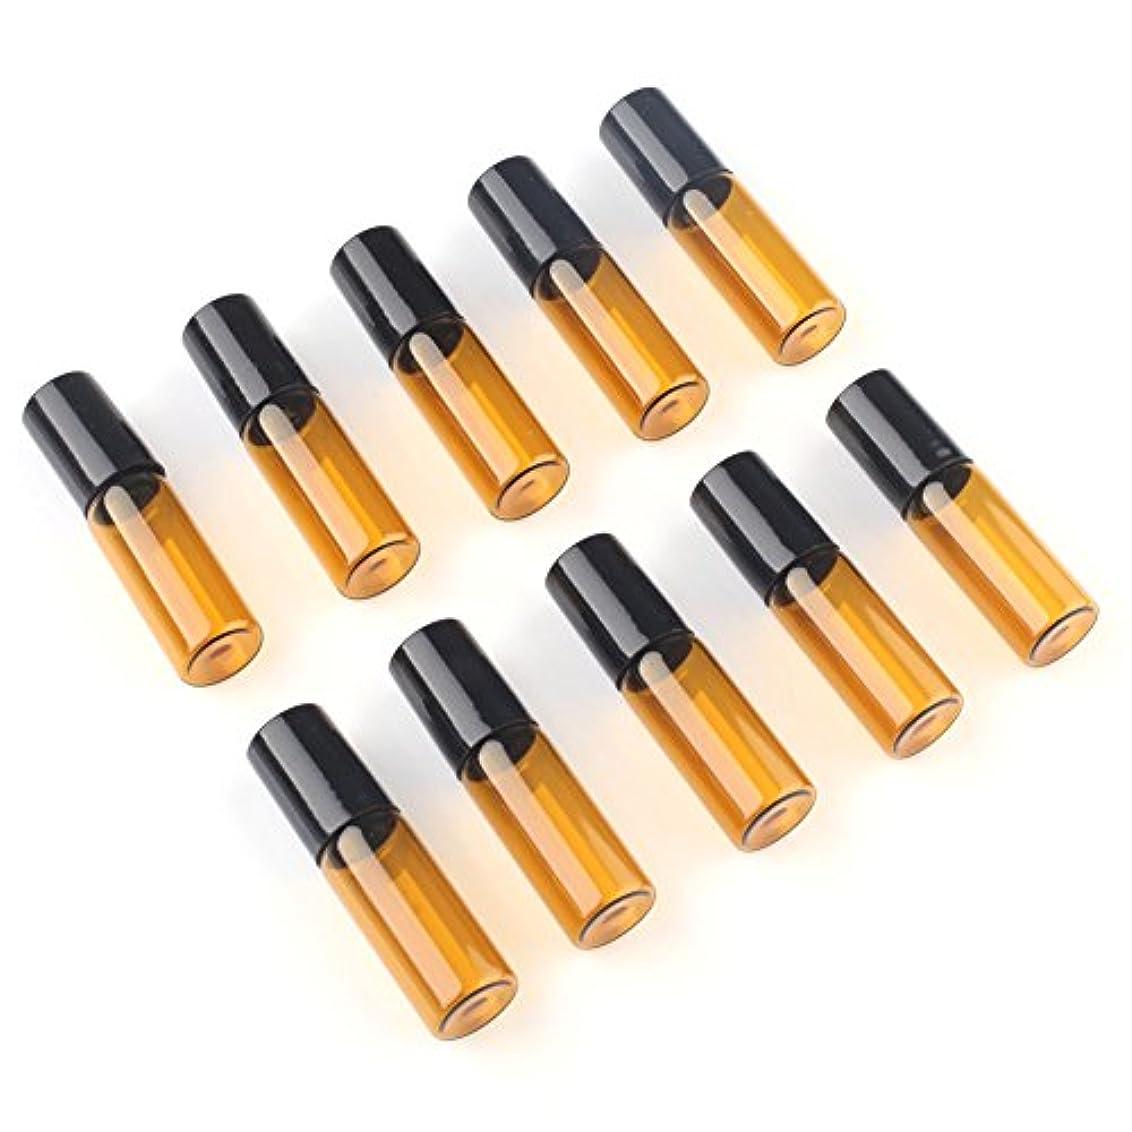 リングレット階層見る人SAGULU アロマオイル 精油 小分け用 遮光瓶 遮光ビン ミニガラスアロマボトル エッセンシャルオイル用容器 スチールボールタイプ 5ml、10ml選択可能 アンバー 10本セット (5ml)